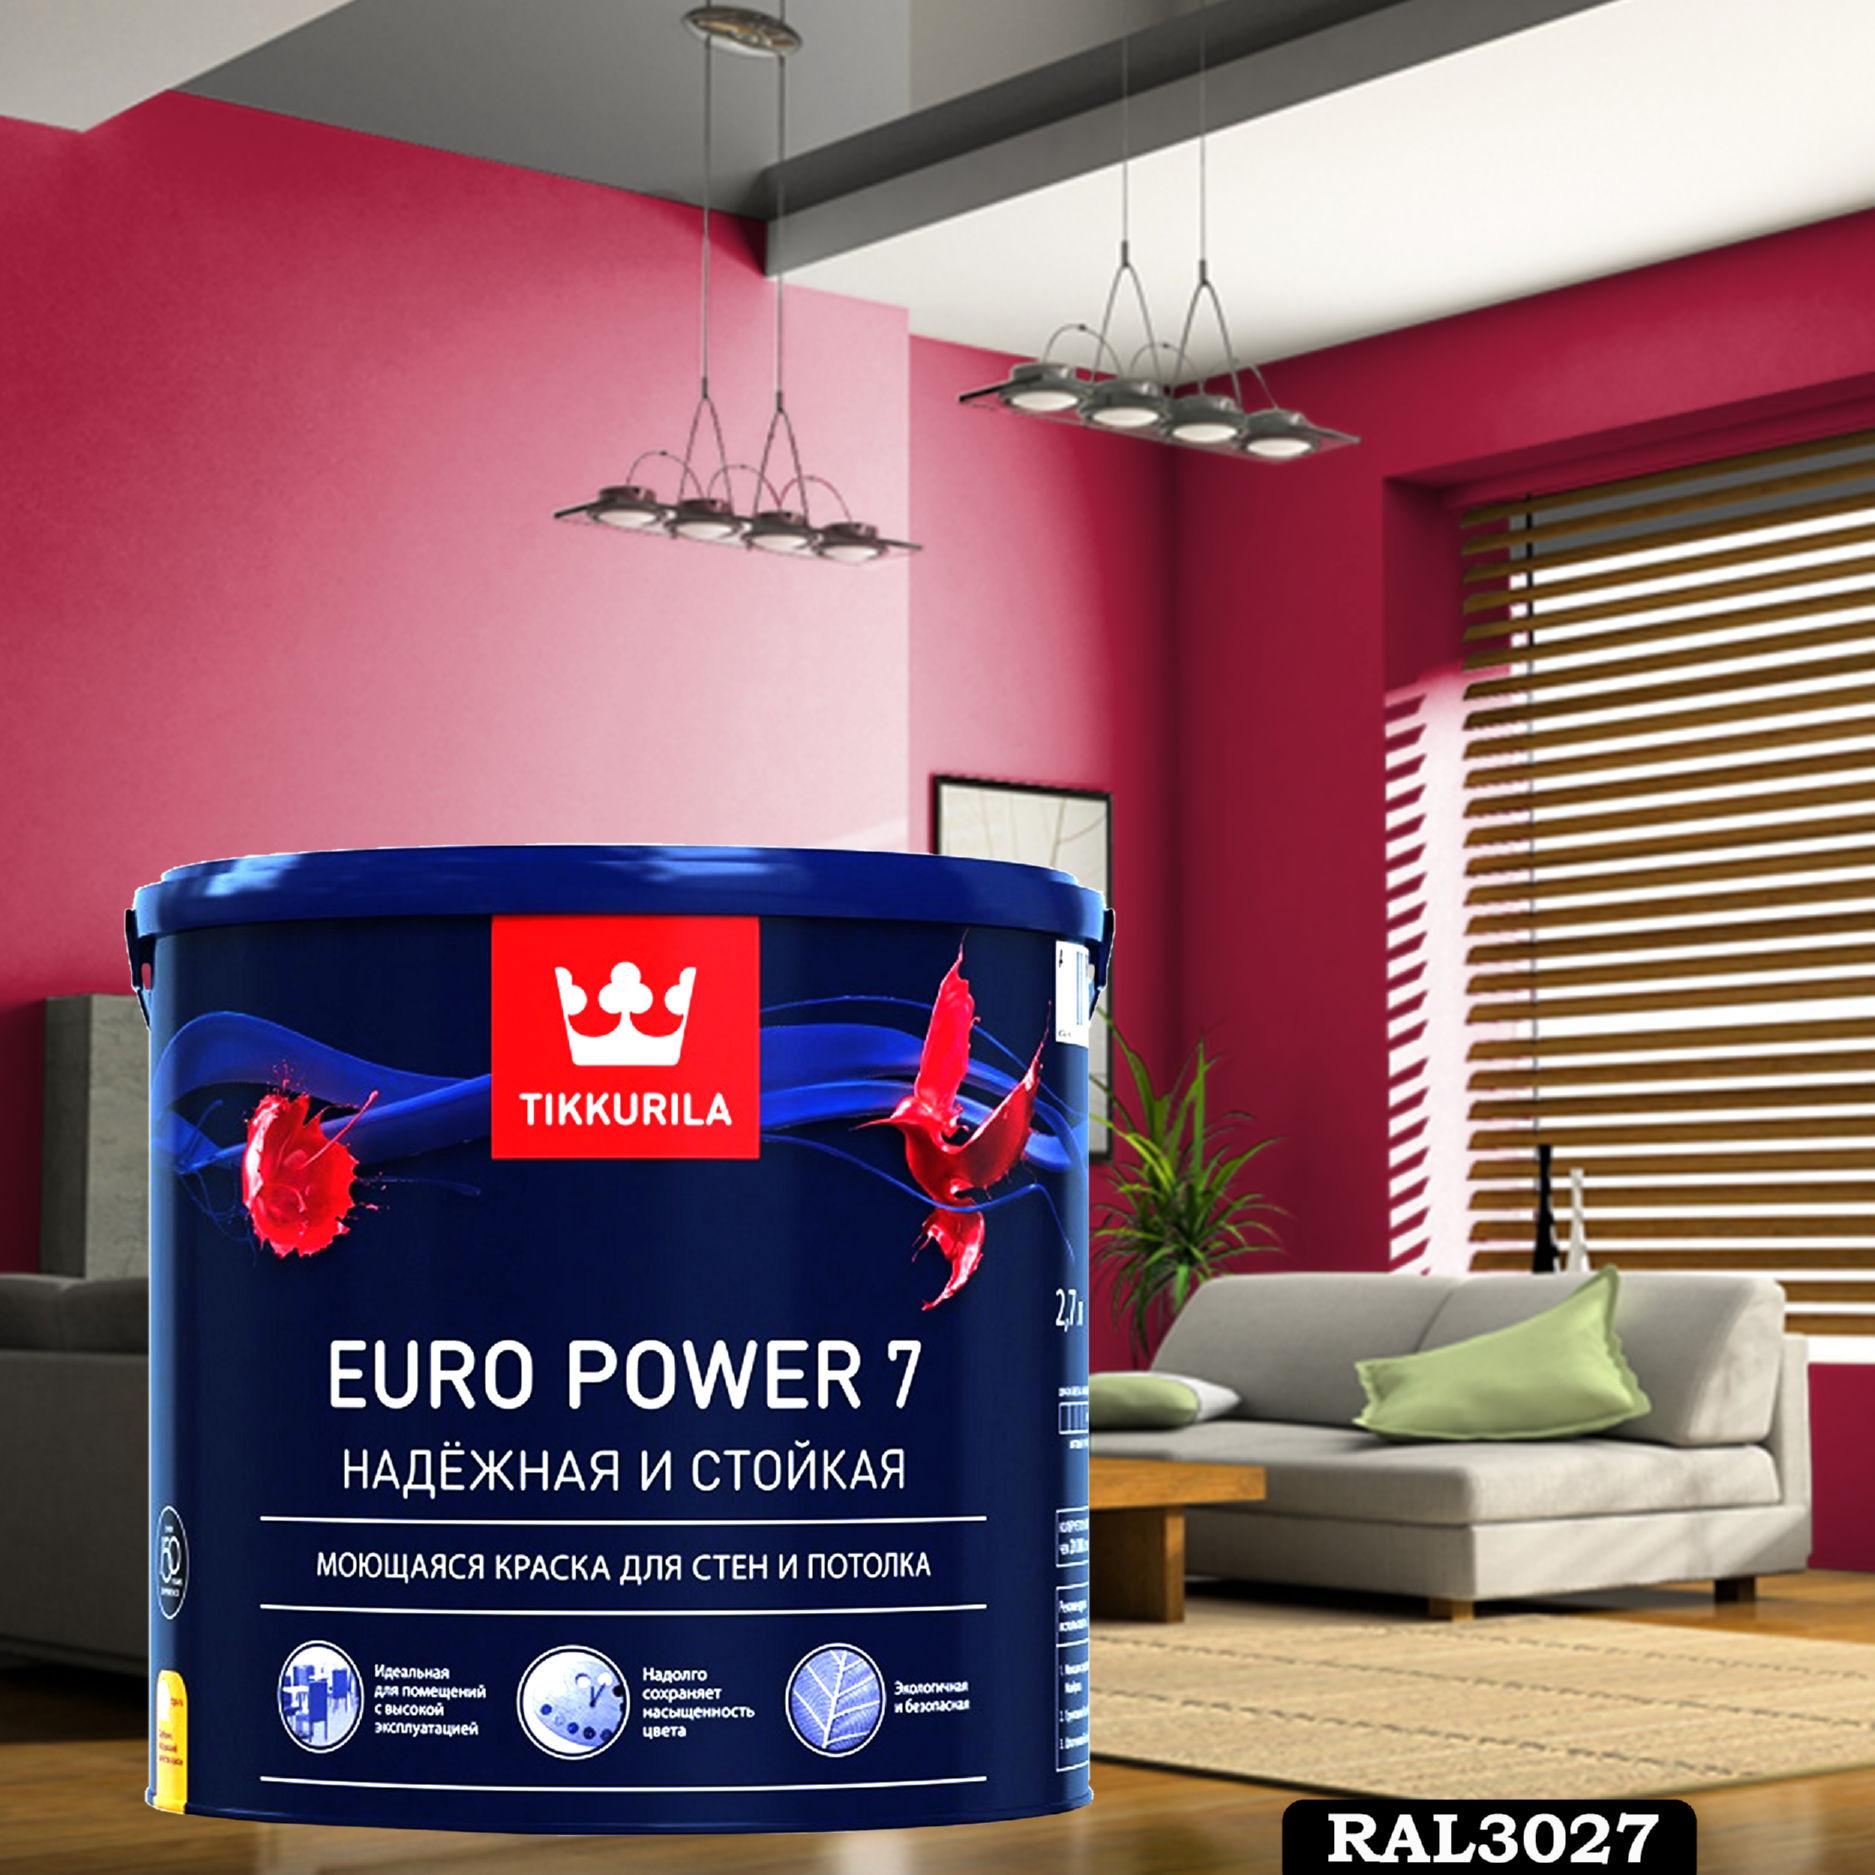 Фото 19 - Краска TIKKURILA Euro Power 7,  RAL 3027 Малиново-красный, латексная моющаяся матовая интерьерная, 9 л.